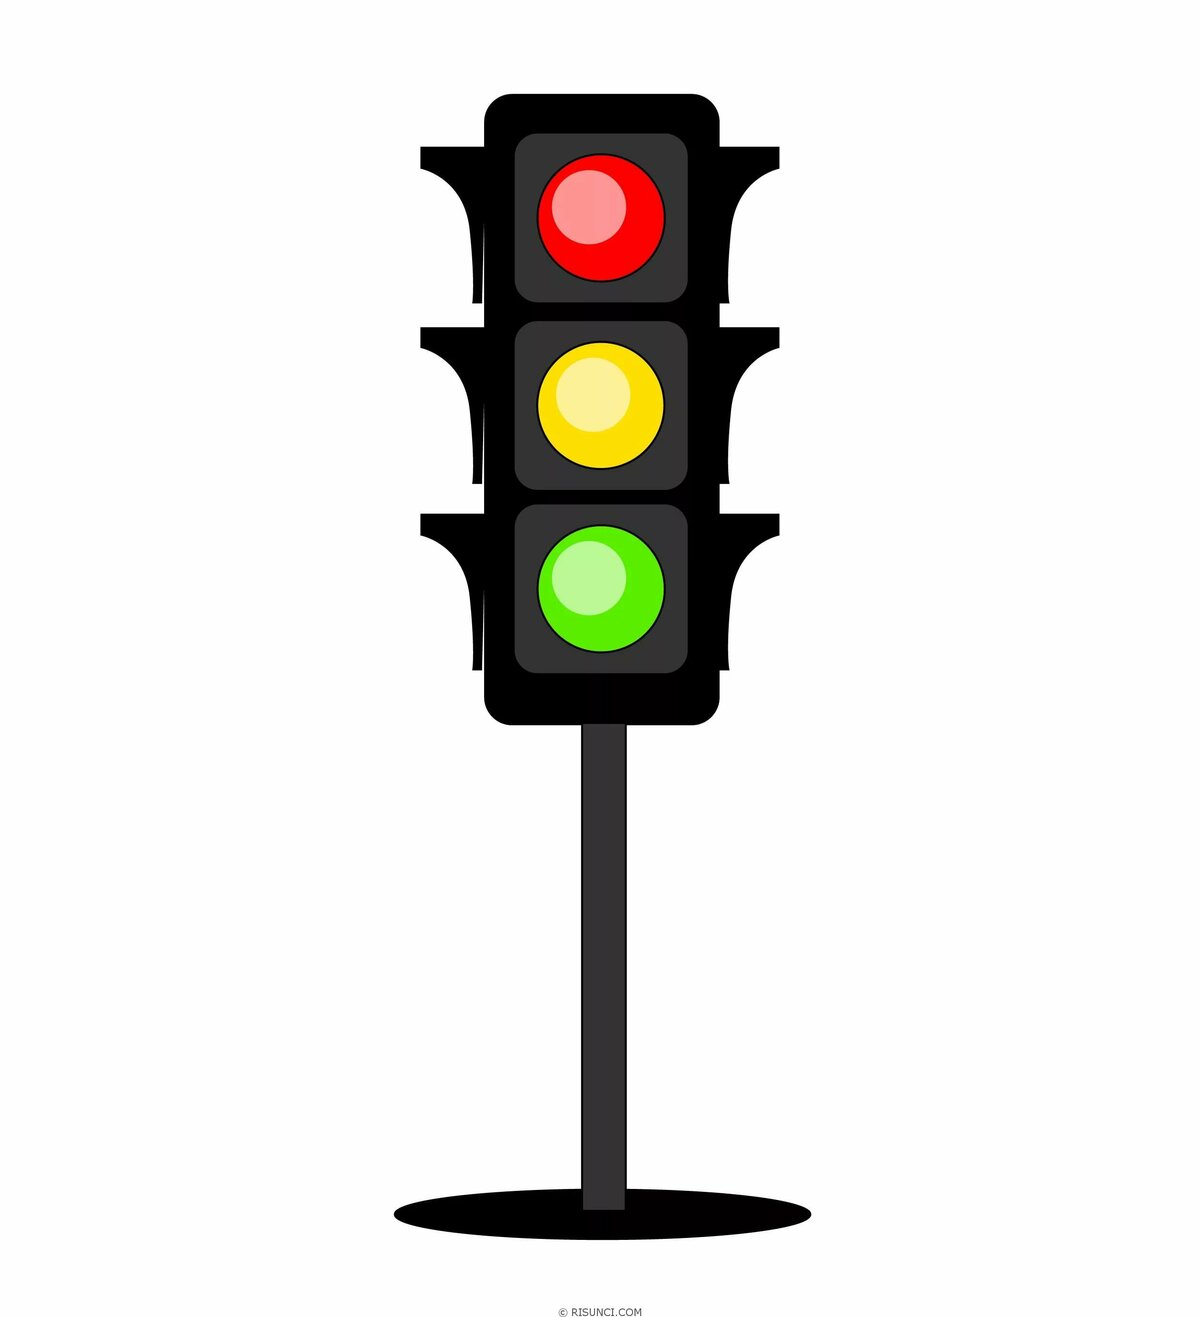 светофор светофорыч картинки наличии широкий выбор